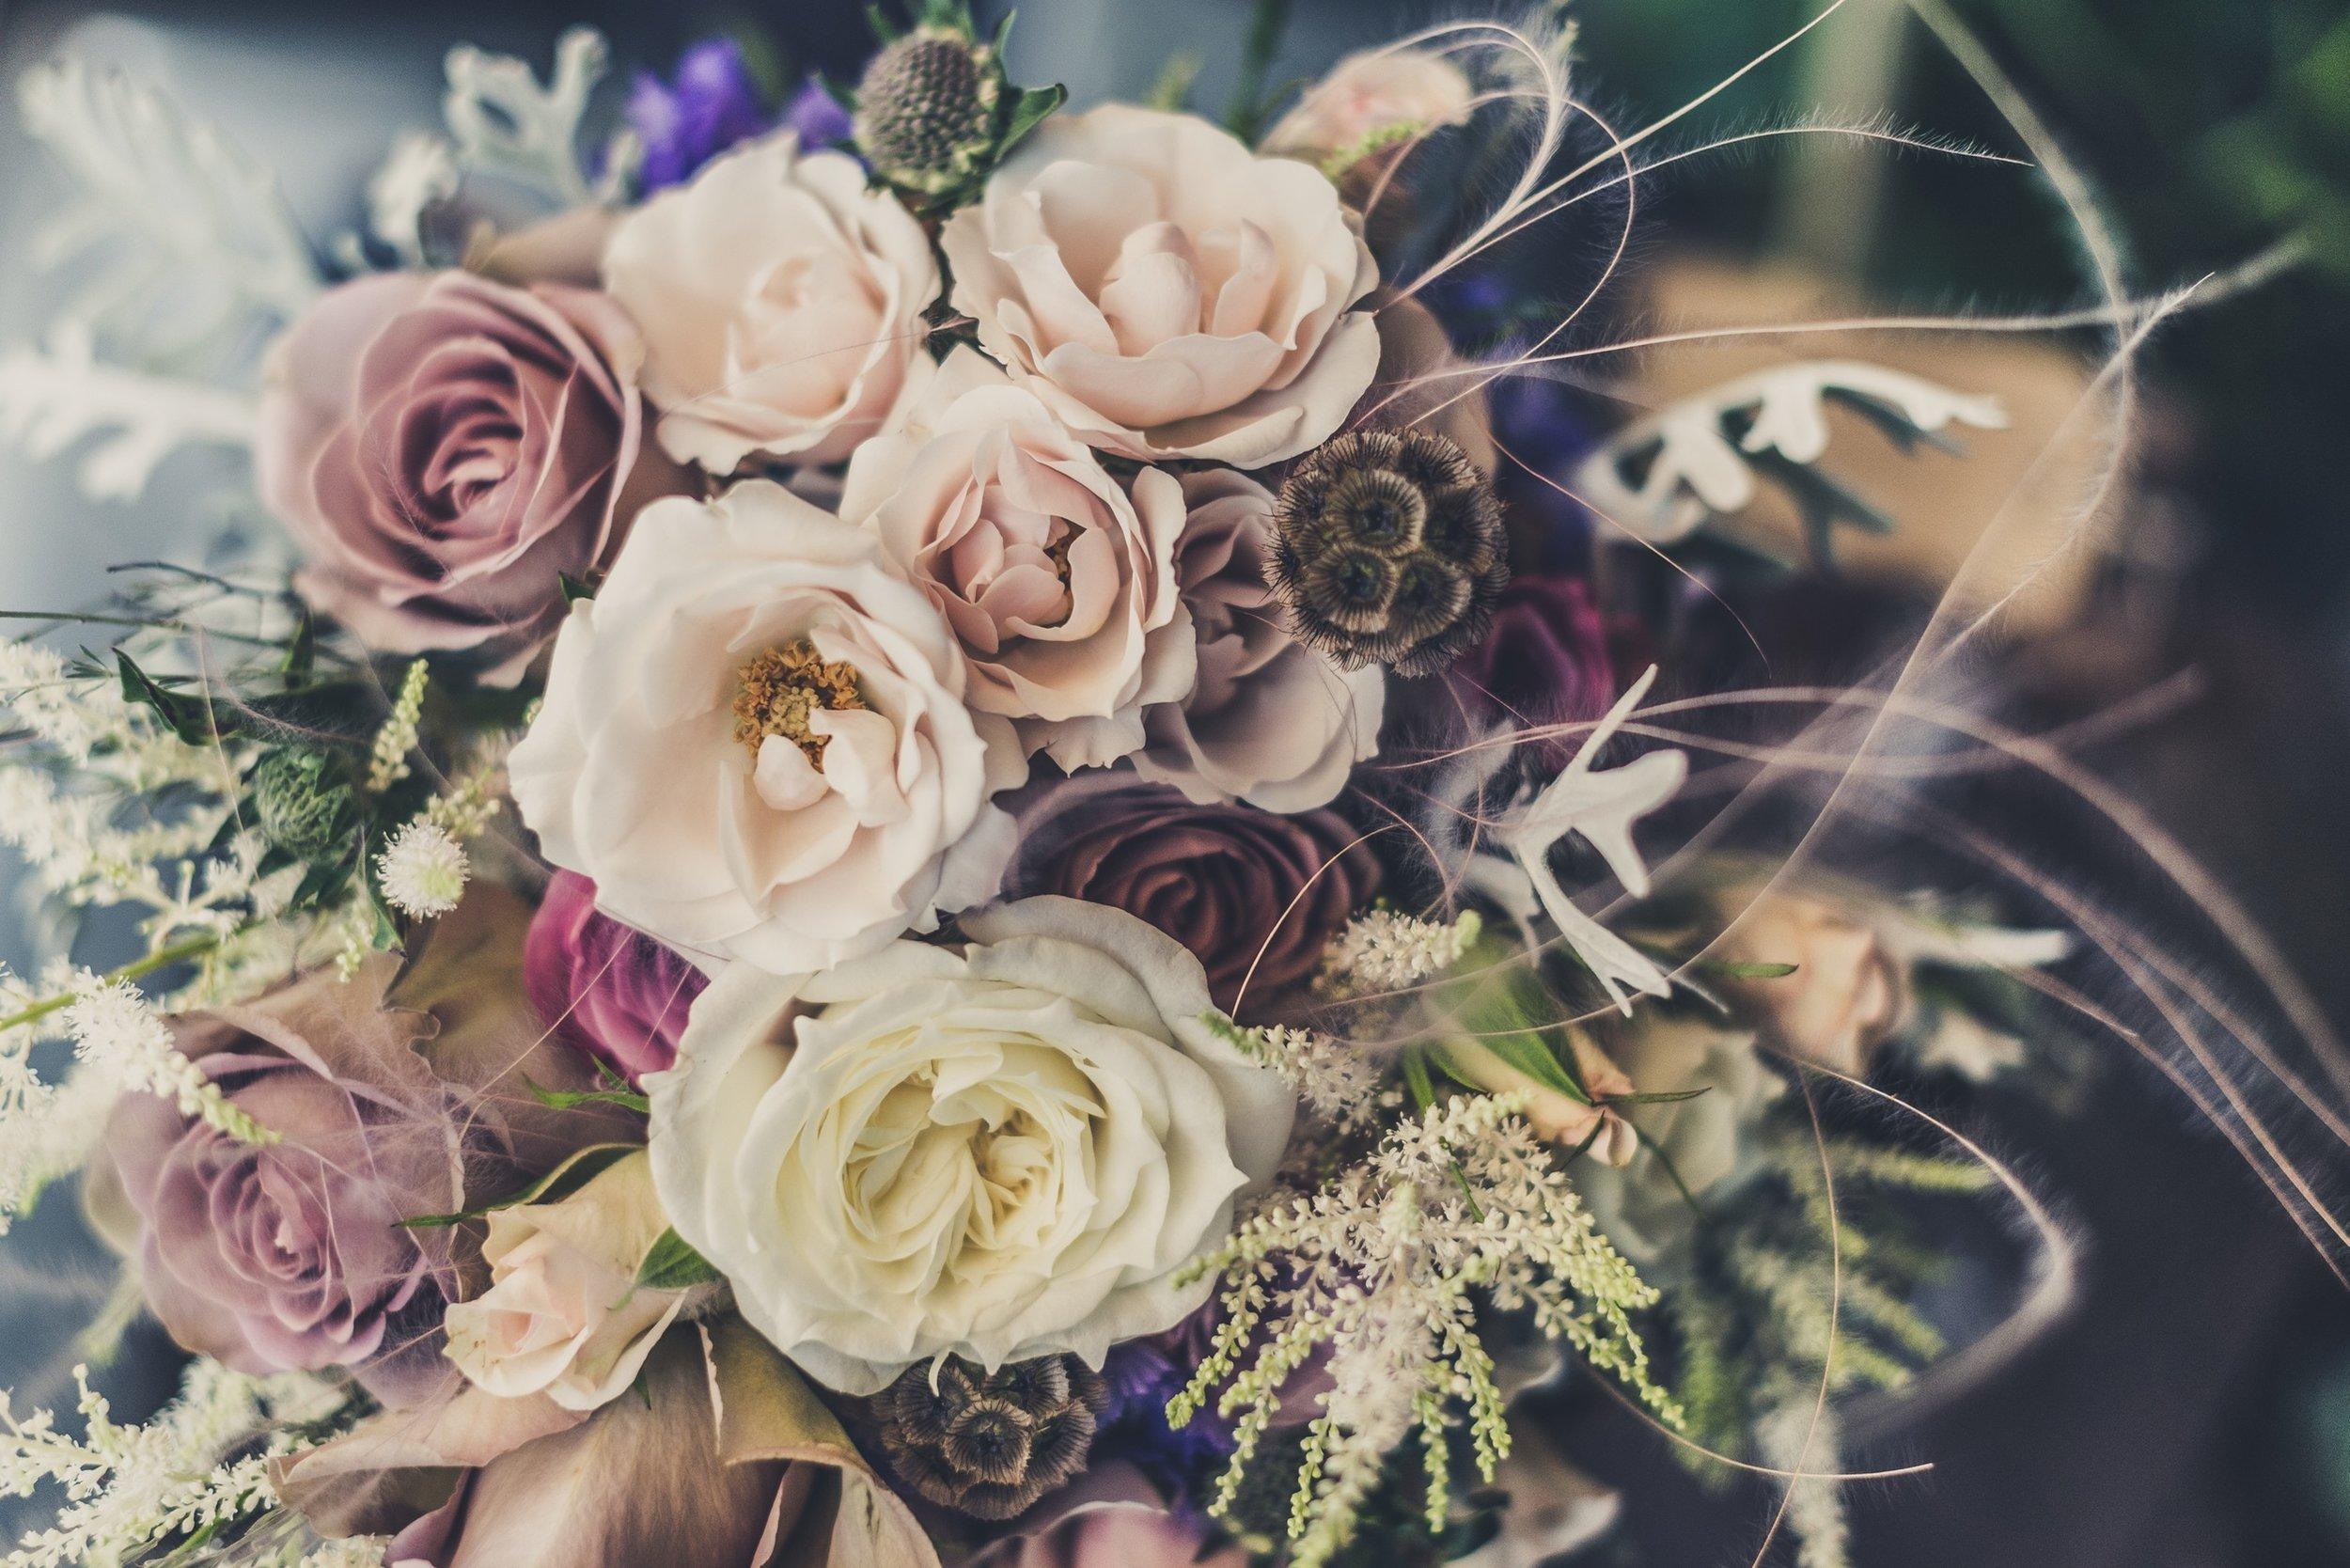 plant-flower-petal-bloom-floral-bouquet-888801-pxhere.com.jpg